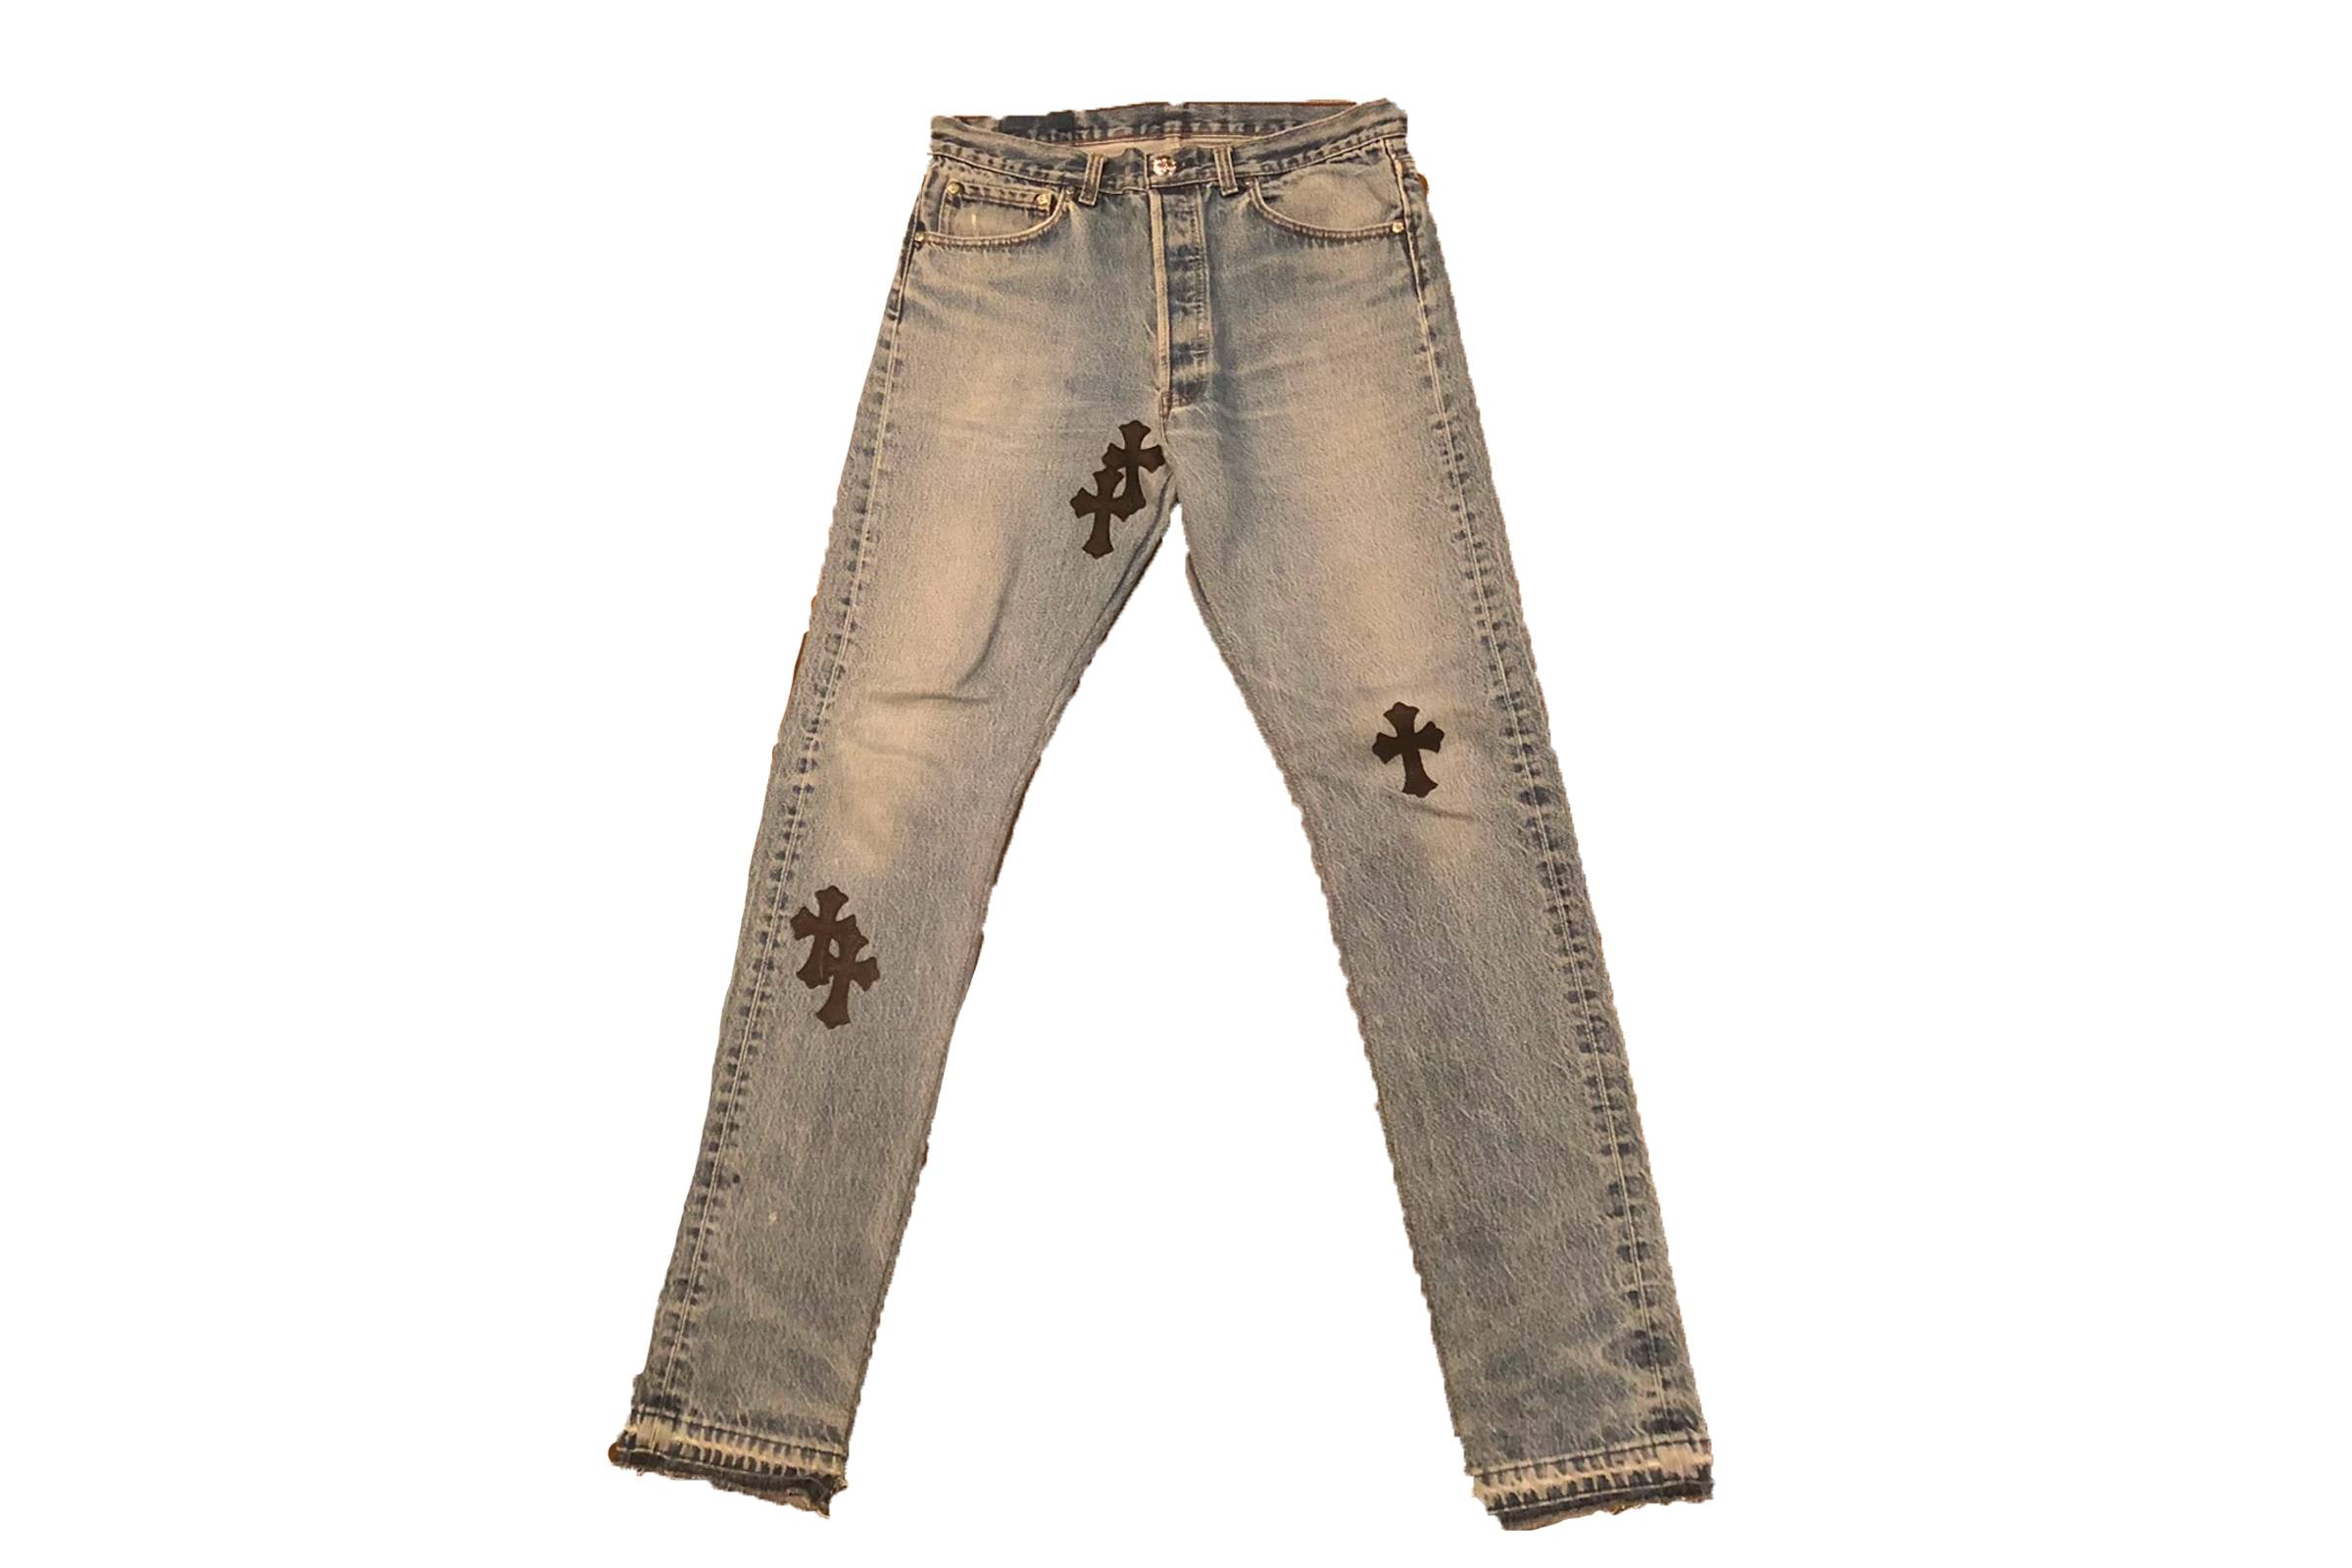 Chrome Hearts Leather Applique Jeans